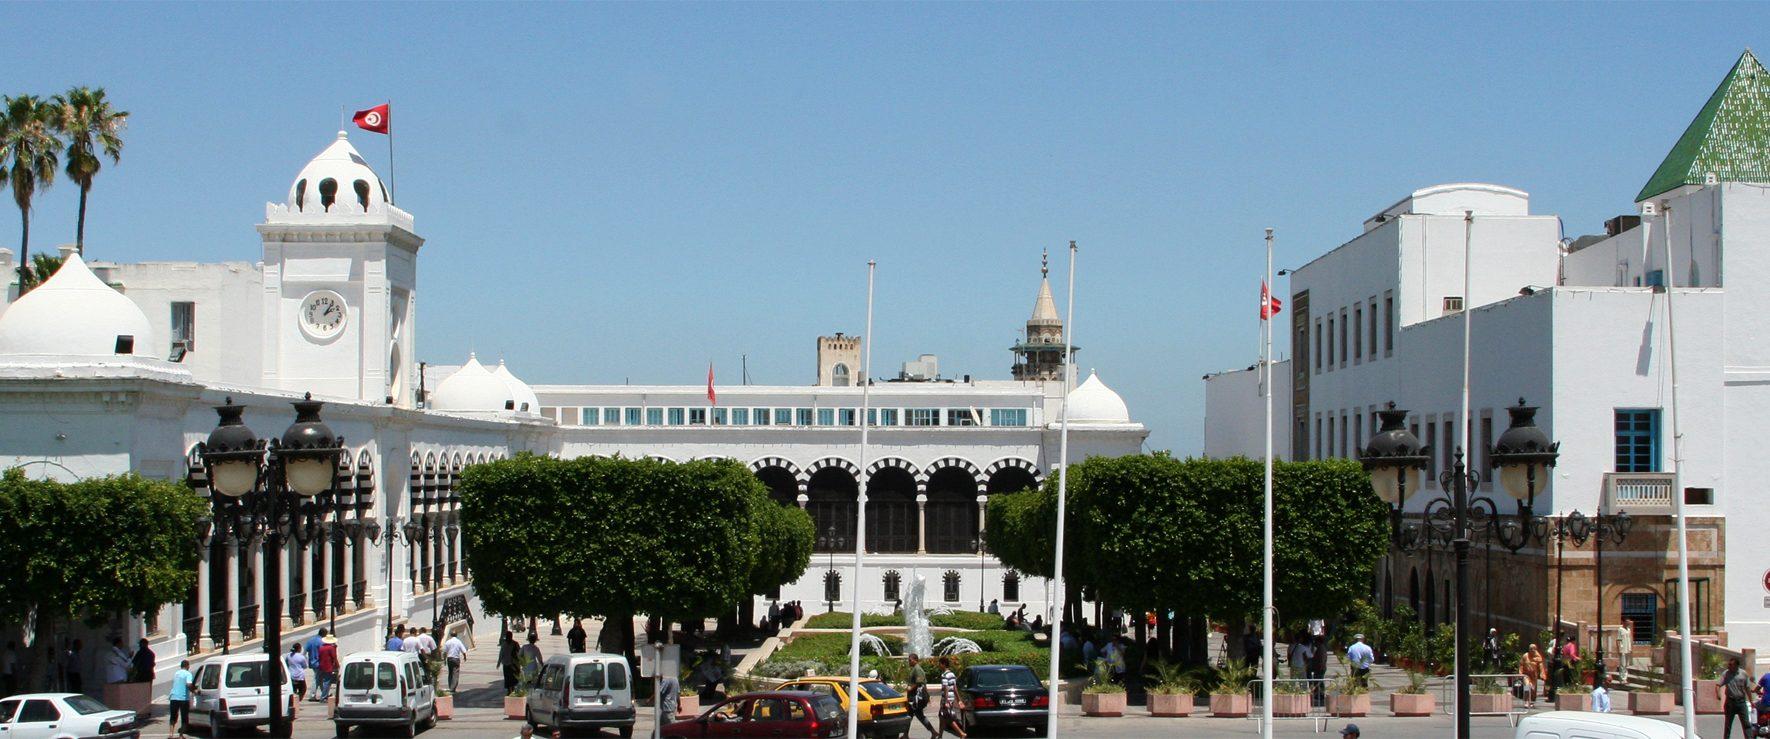 Tunisie : Le document contractuel sur le plan d'action gouvernementale a été signé par 4 partis et un bloc parlementaire